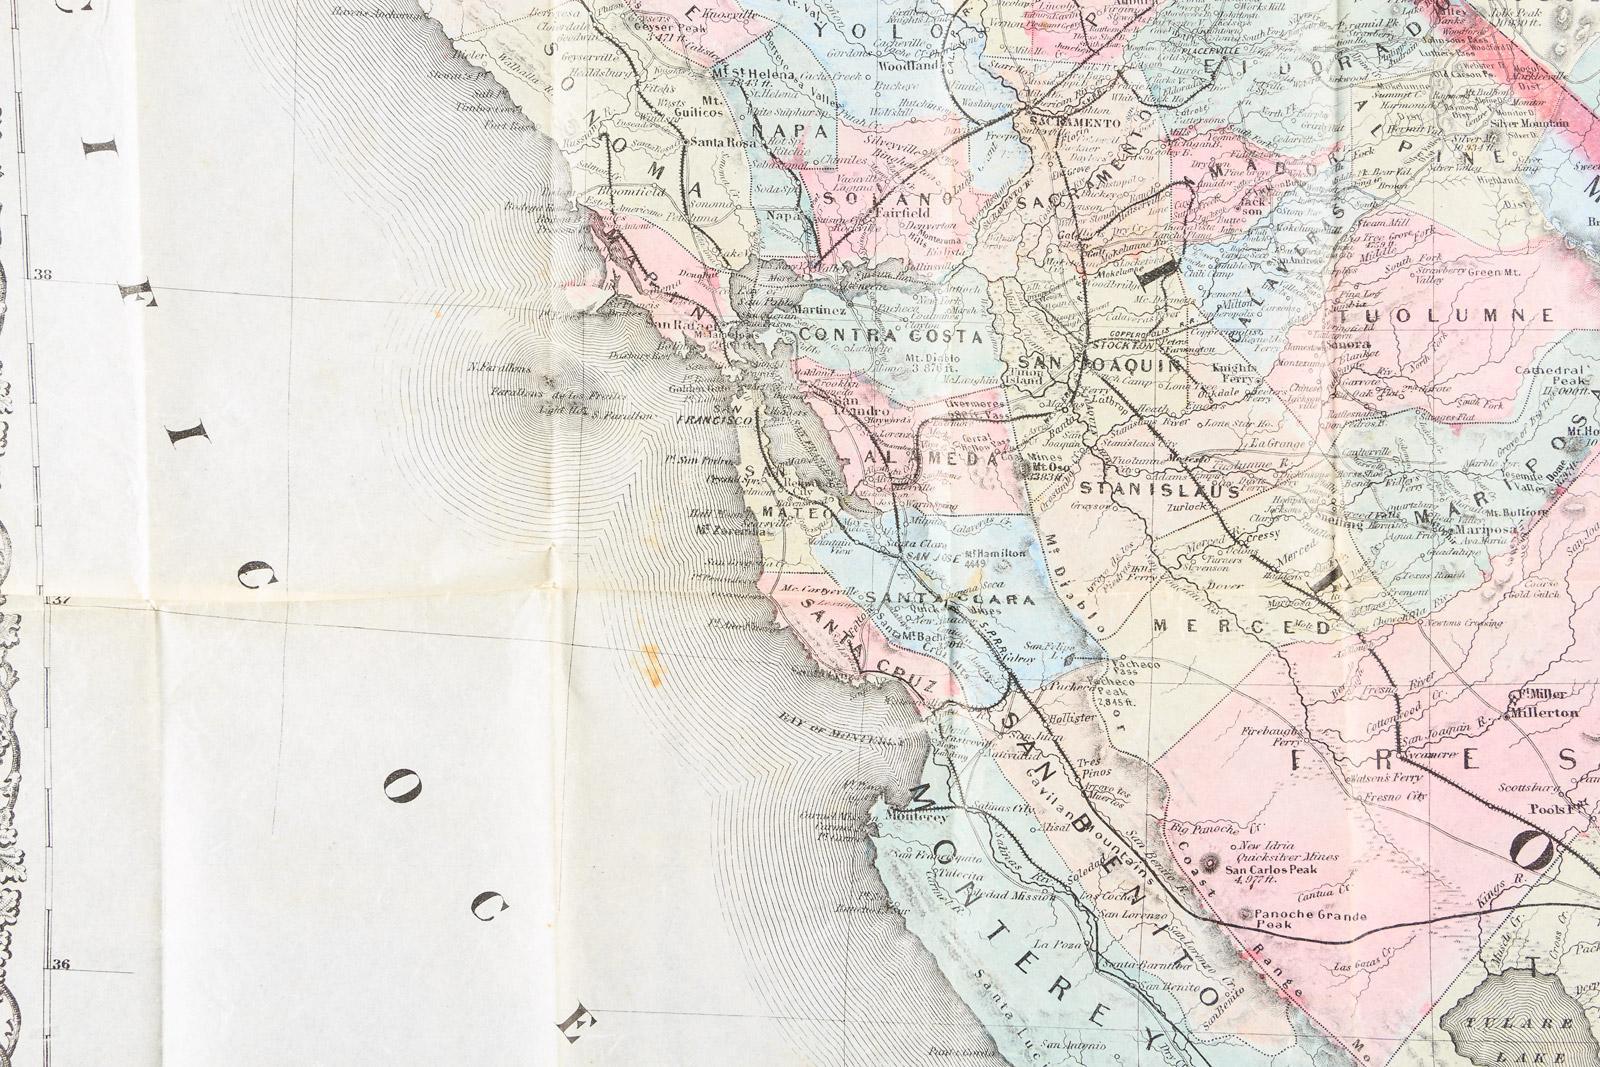 Bancroft 39 s map of california nevada utah and arizona for California chiude l utah